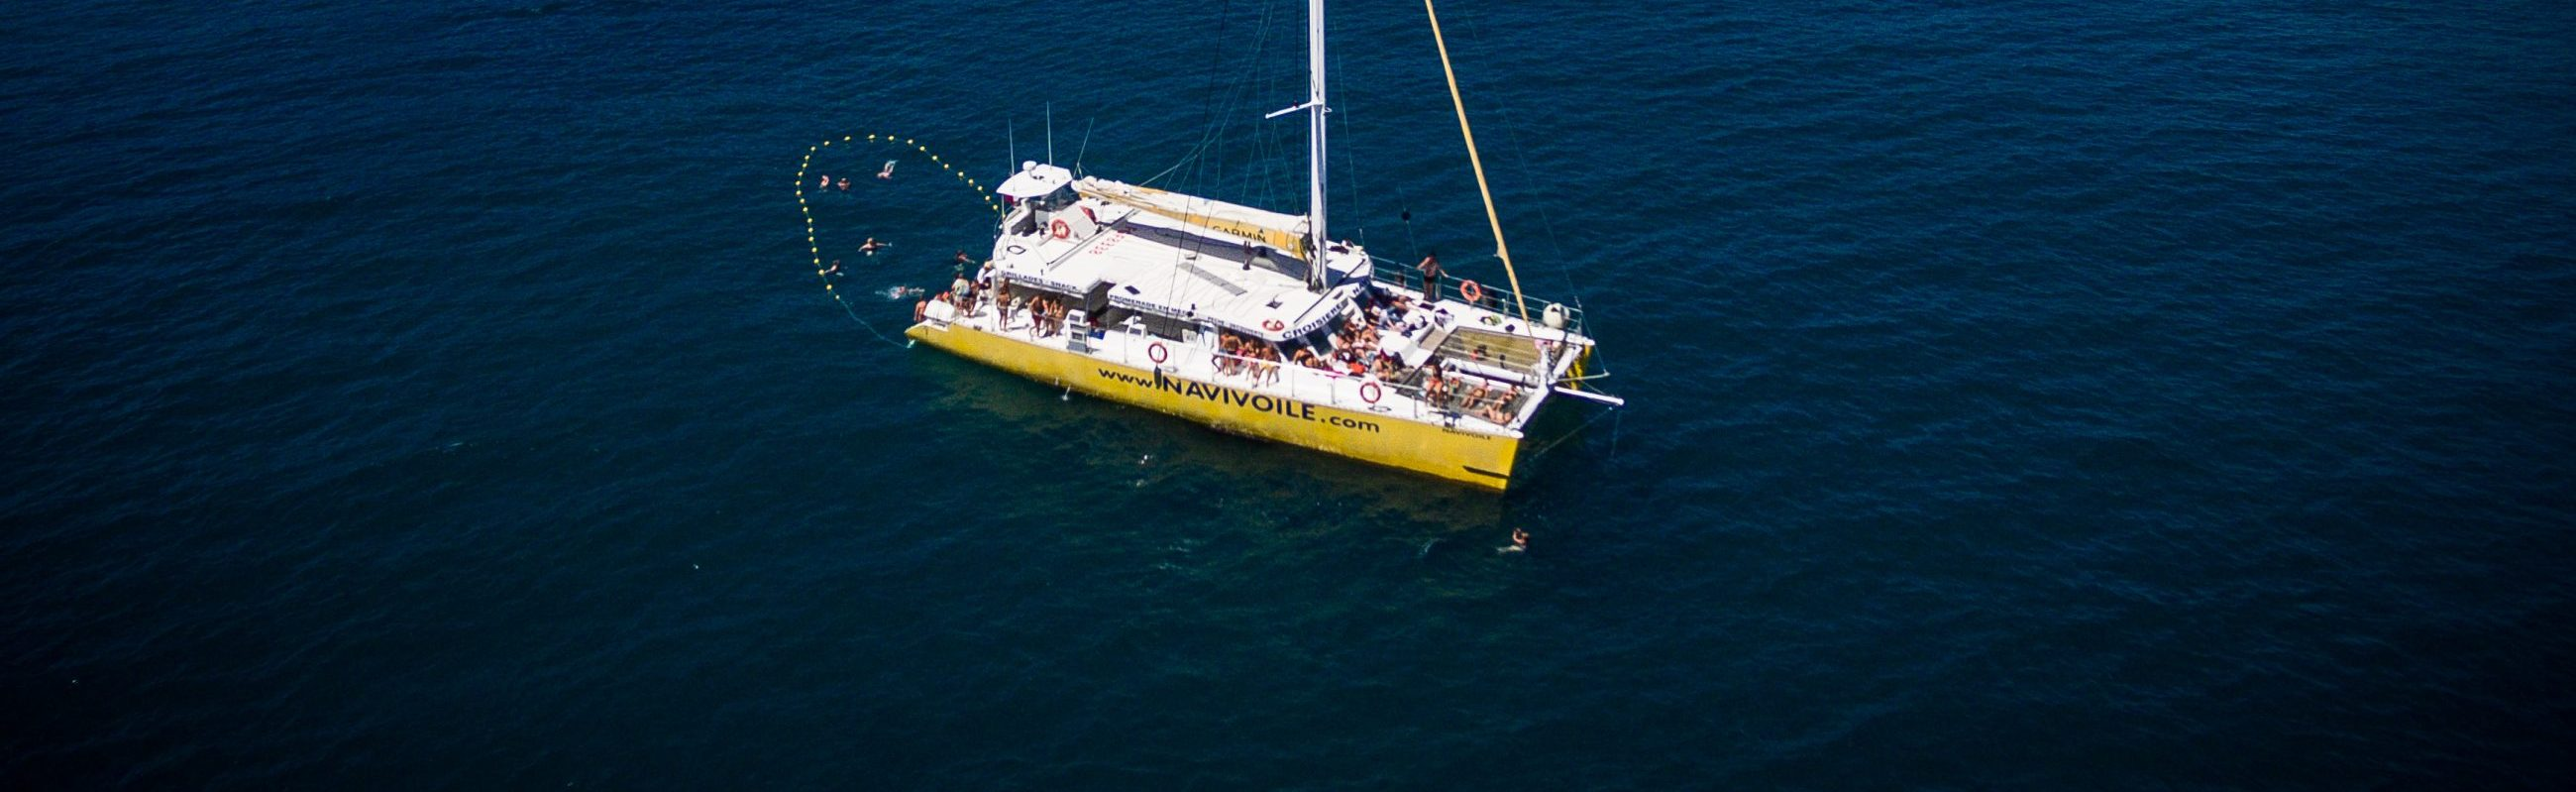 catamaran navivoile croisiere grillade et baignade sur le bateau baie de paulilles